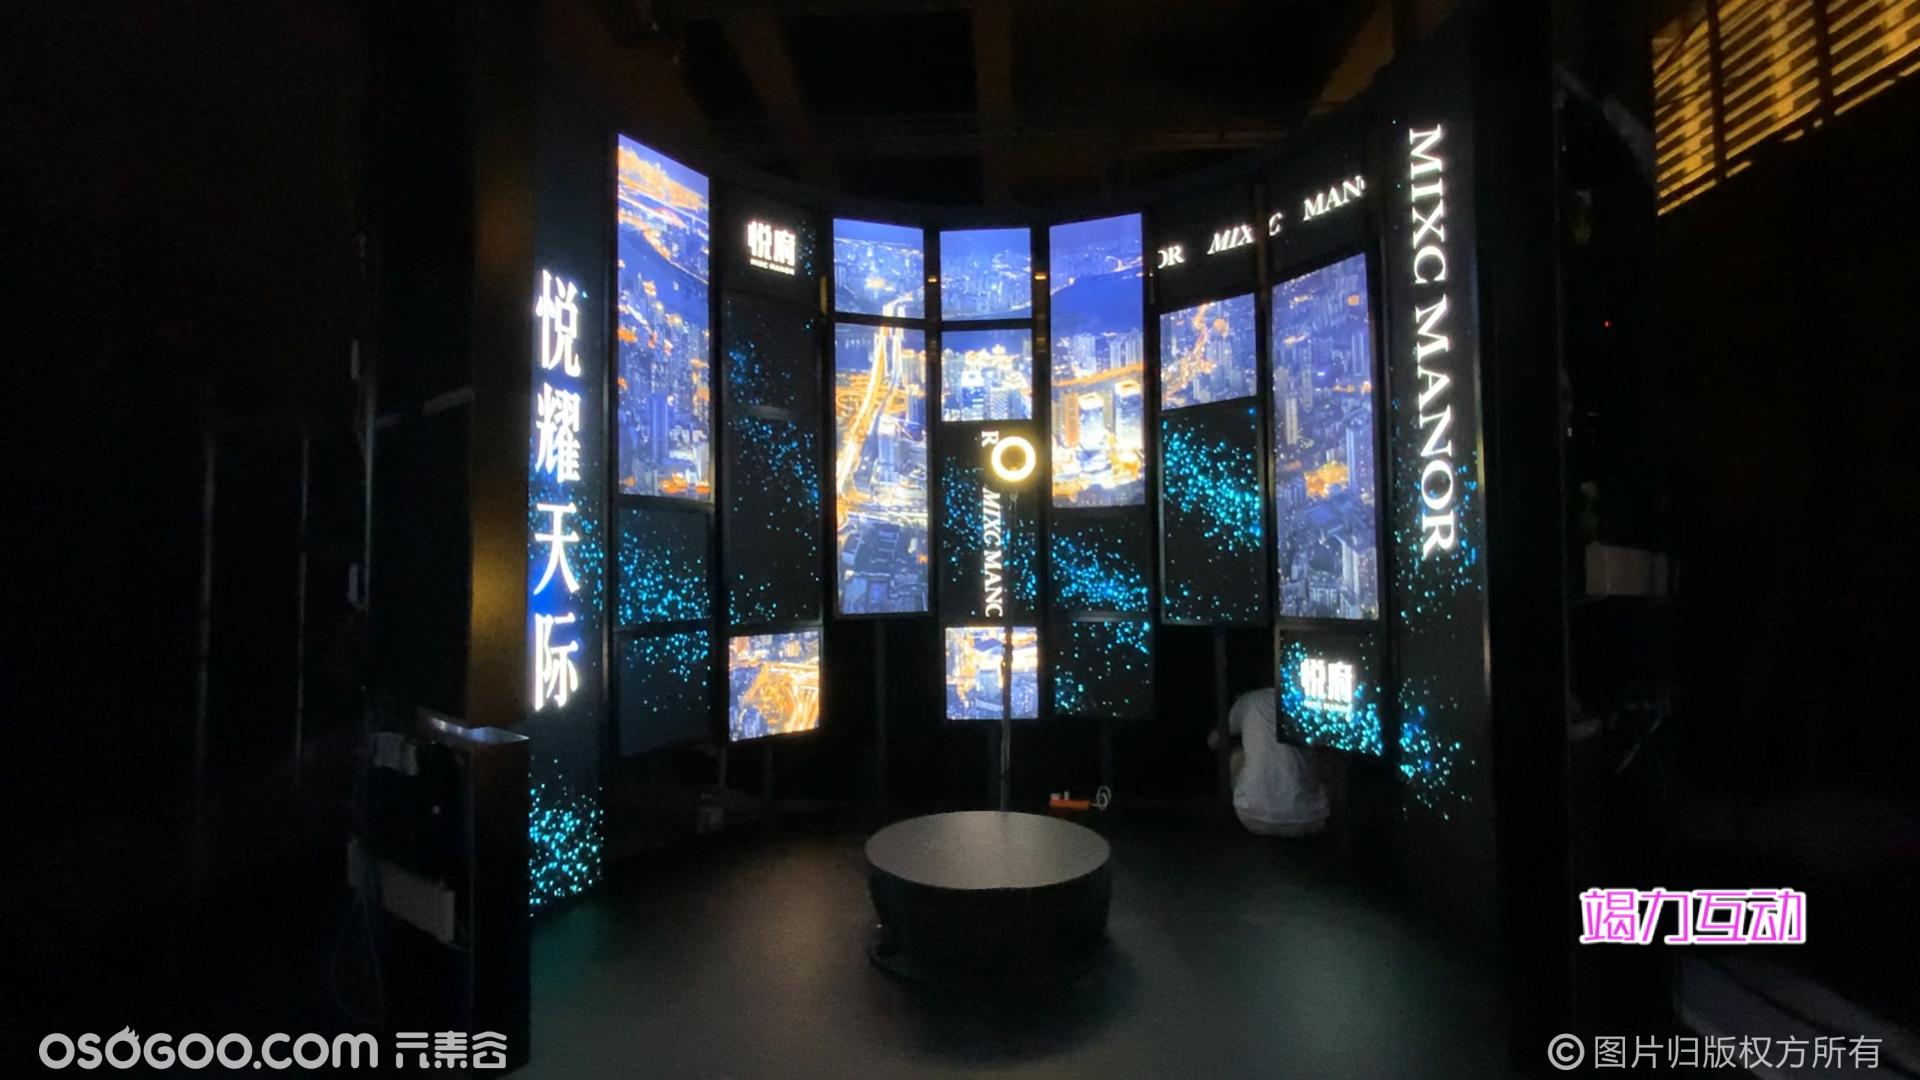 新型高端定制互动科技360度瞬间拍摄案例分享